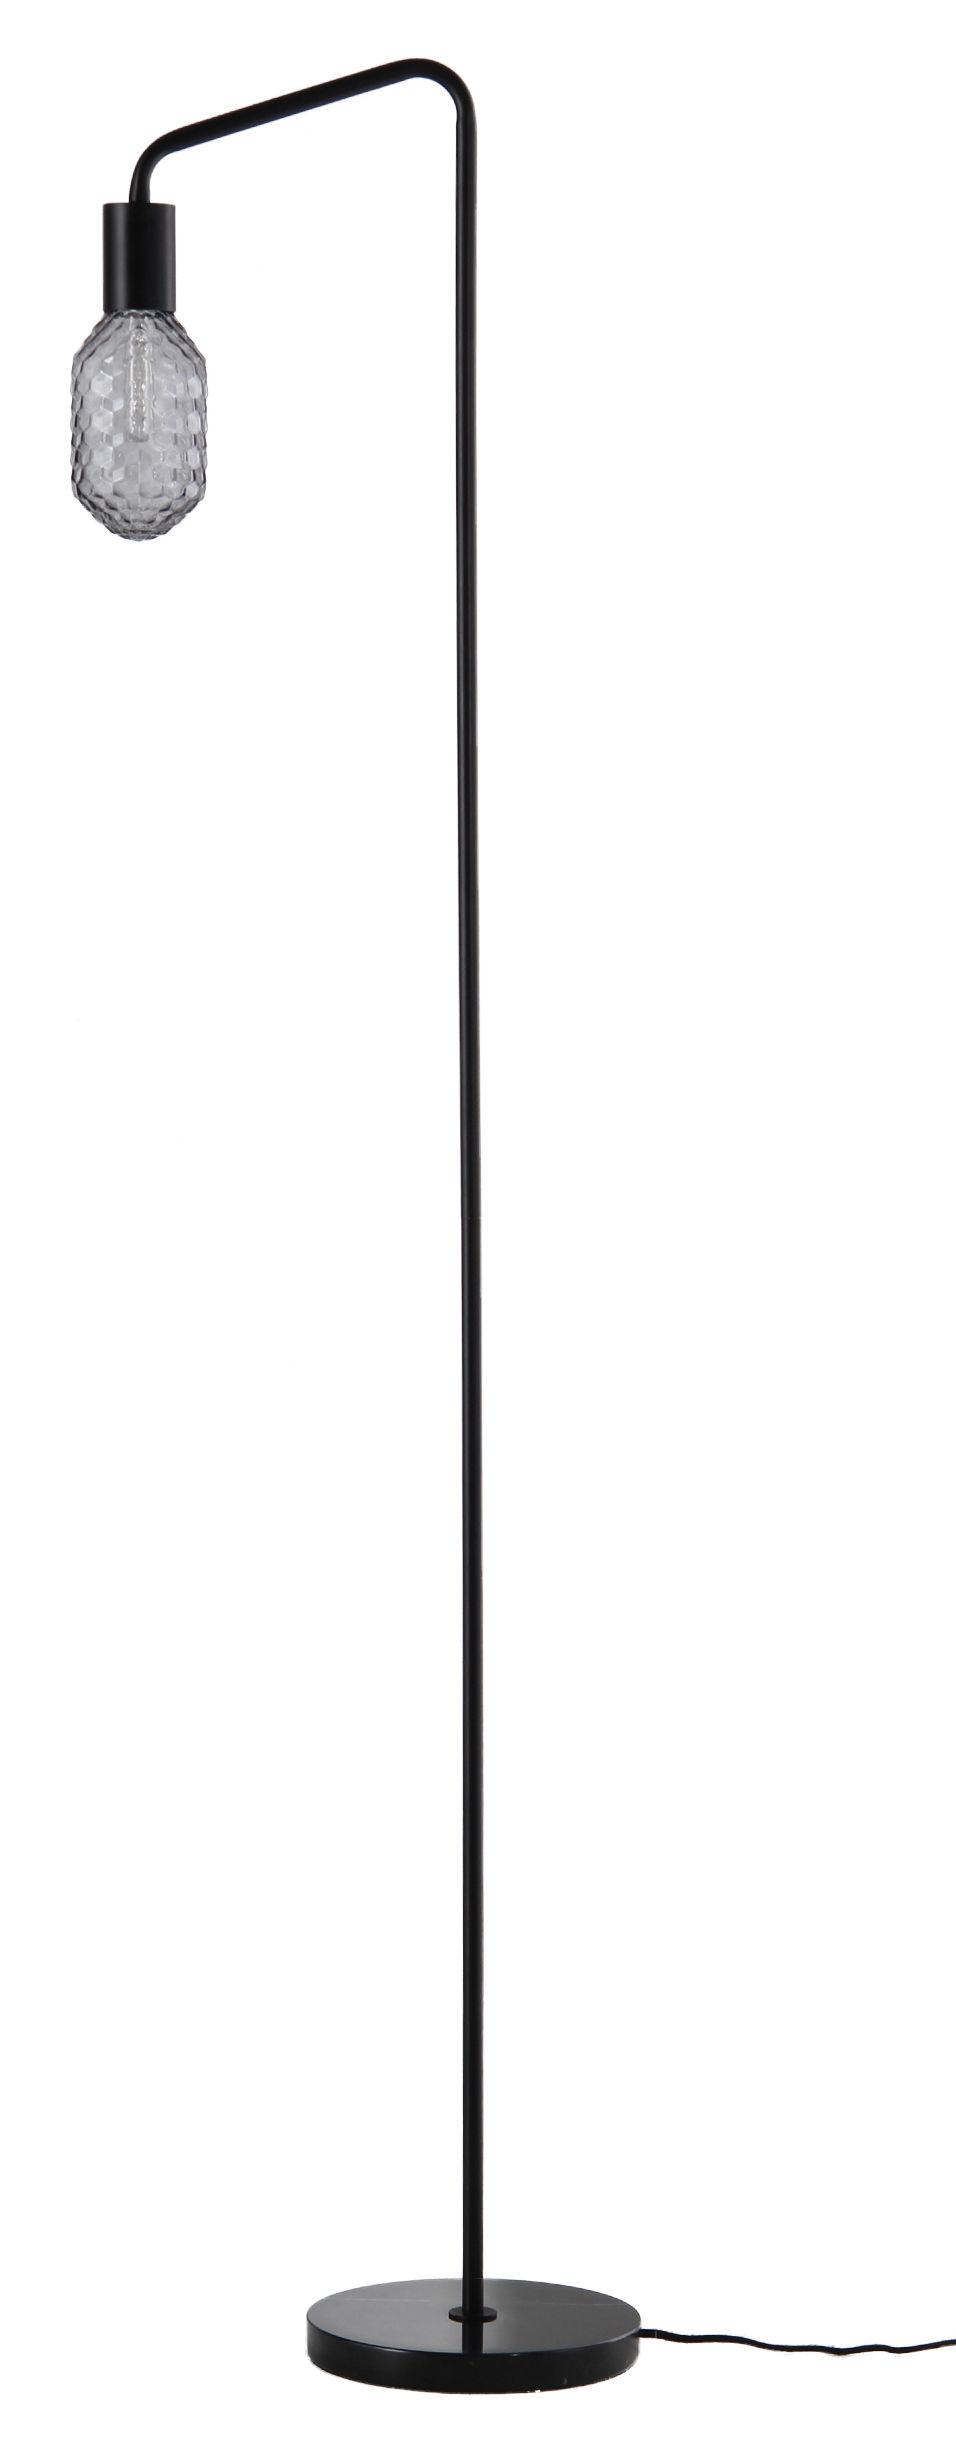 Luminaire - Lampadaires - Lampadaire Urban / Base marbre - Frandsen - Noir / Gris fumé - Marbre, Métal, Verre